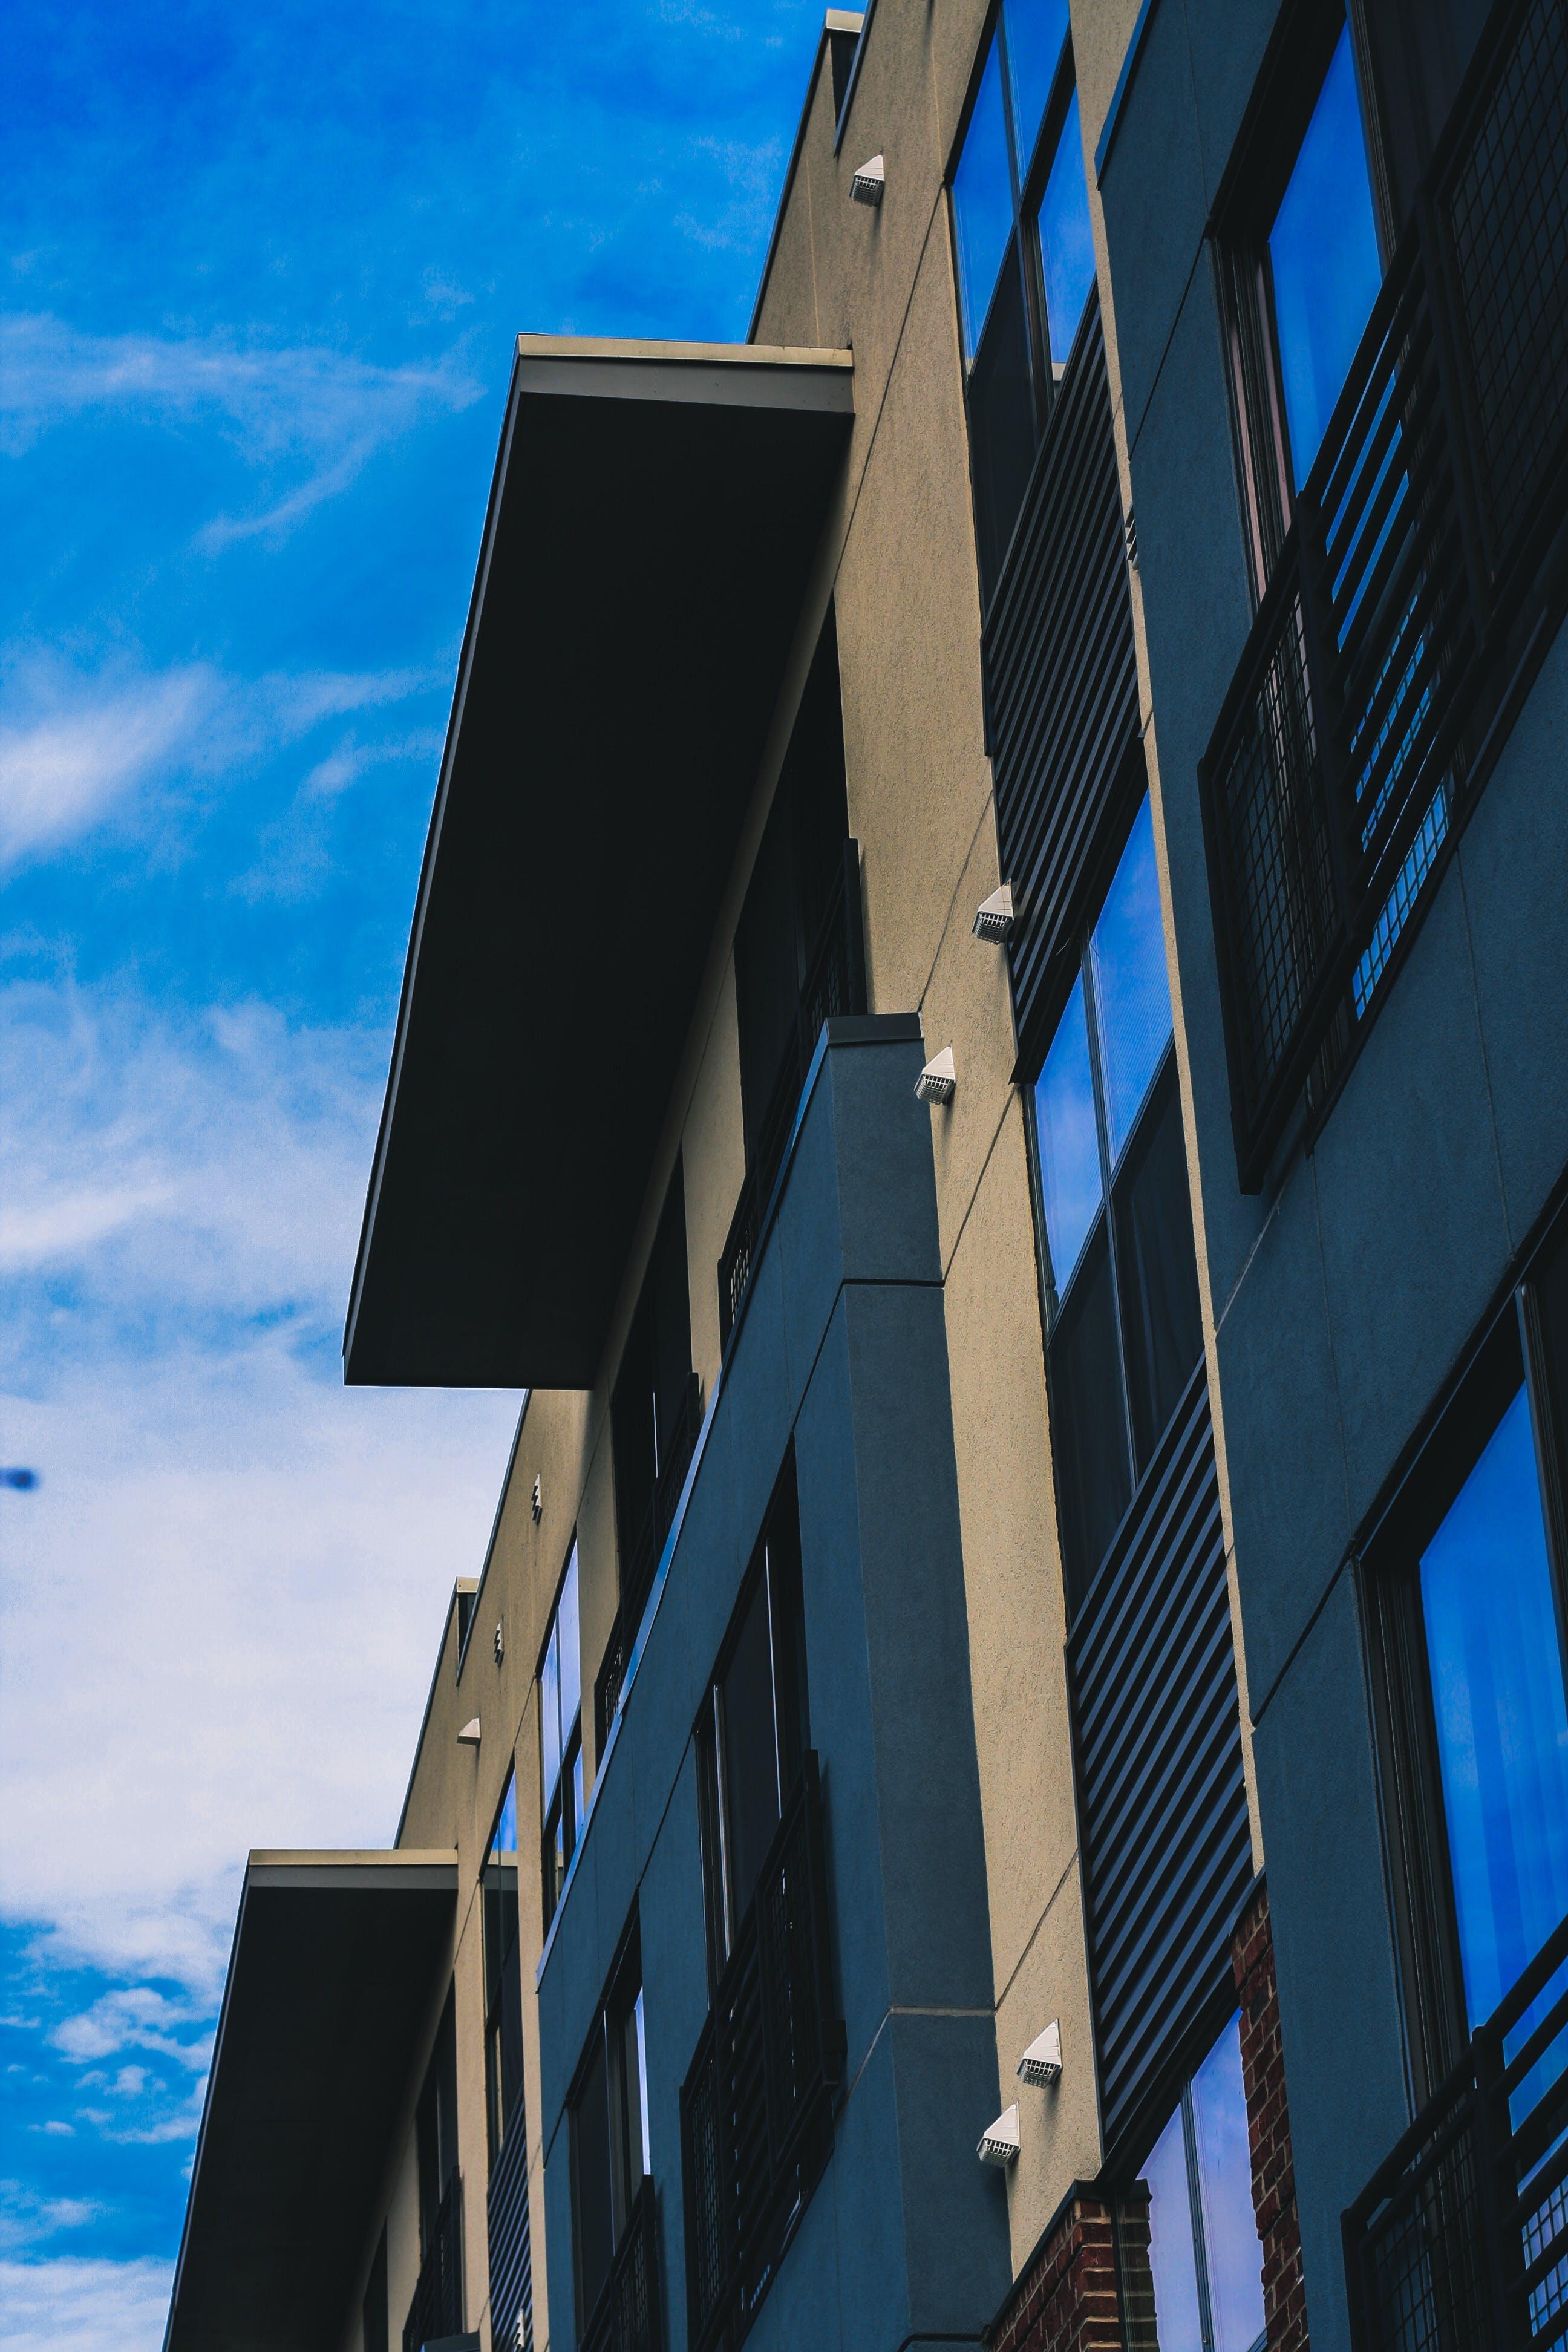 Kostnadsfri bild av arkitektur, byggnad, lågvinkelfoto, perspektiv